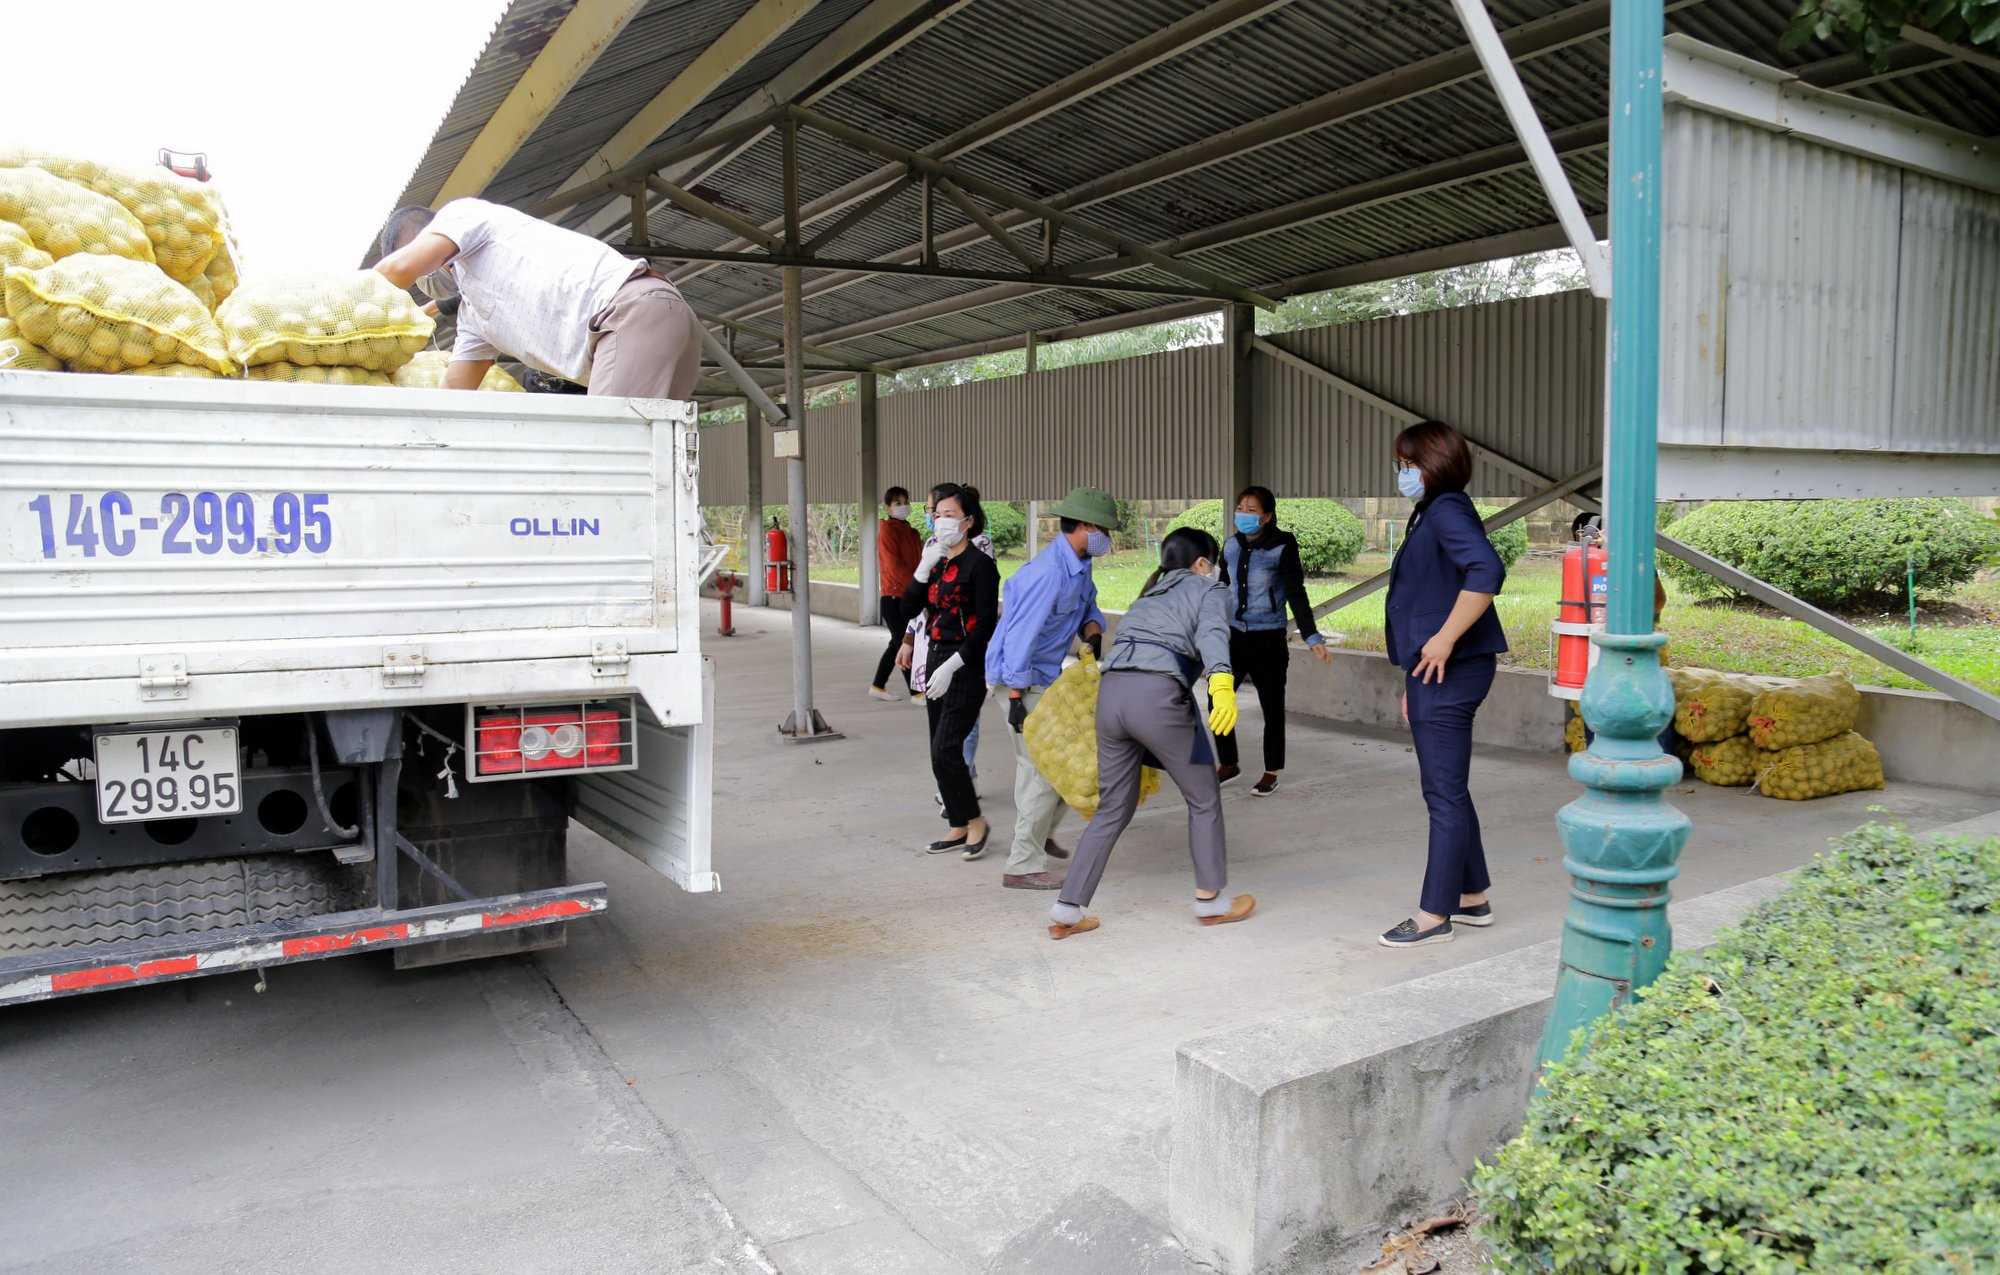 Quảng Ninh kết nối tiêu thụ thành công nông sản cho người dân bị ảnh hưởng bởi dịch Covid-19 - Ảnh 5.